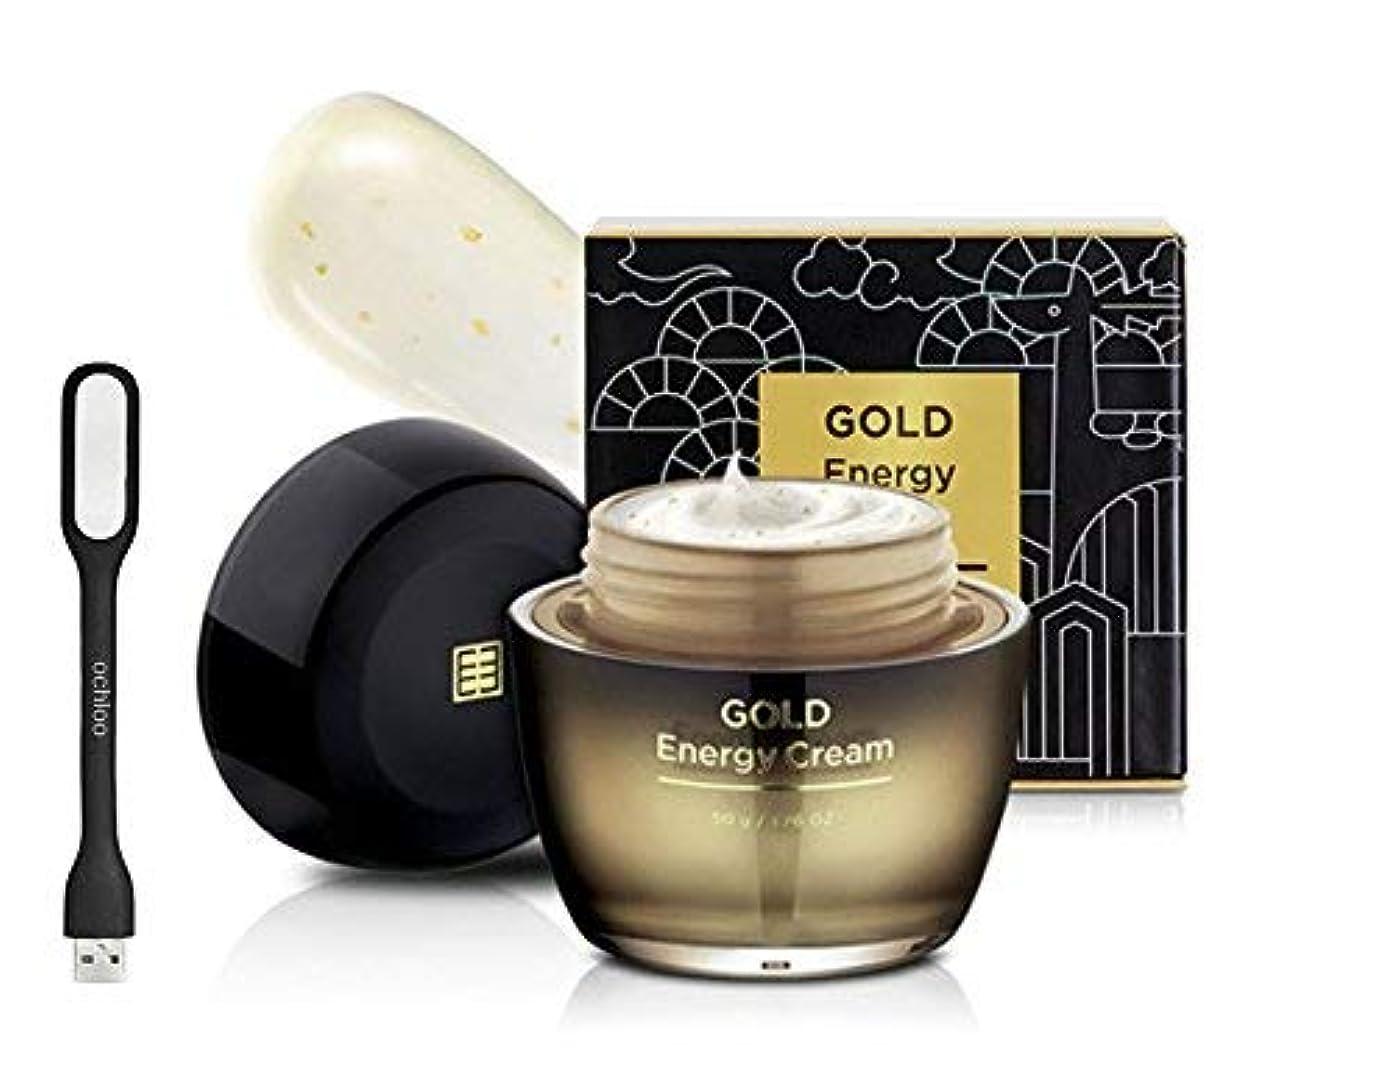 おとうさんレッドデートはがきESTHEMED エステメド ゴールド エネルギー クリーム GOLD Energy Cream 50g 【 シワ改善 美肌 保湿 回復 韓国コスメ 】